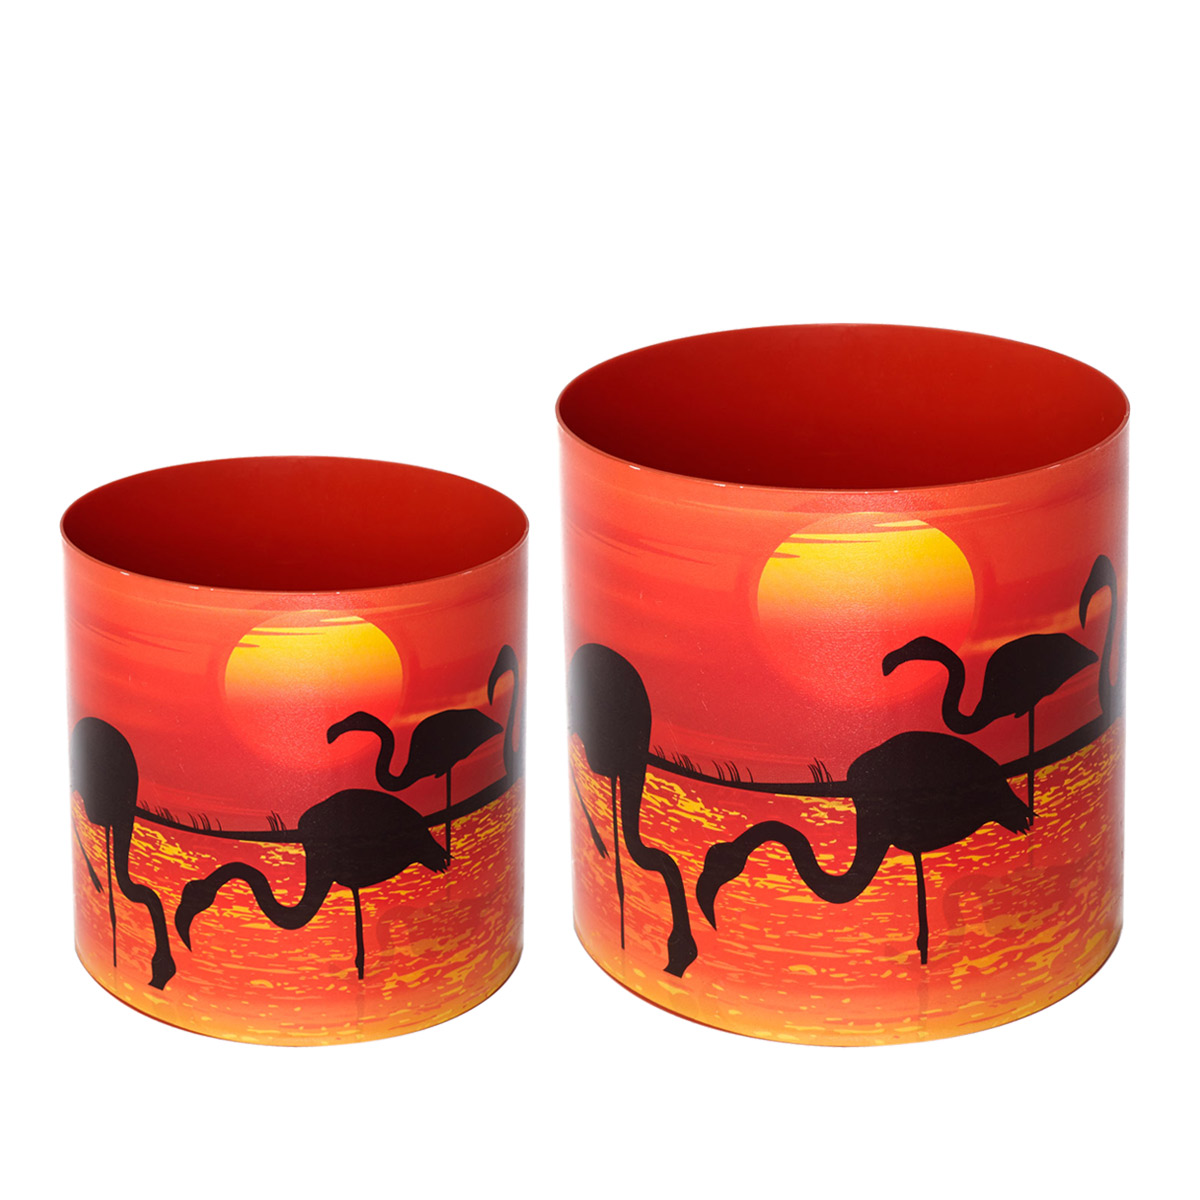 """Набор Miolla """"Фламинго"""" состоит из 2 горшков со скрытыми поддонами. Горшки  выполнены из пластика и декорированы красочным рисунком. Изделия предназначены для цветов. Изделия оснащены специальными скрытыми поддонами.Объем горшков: 1 л, 1,7 л."""